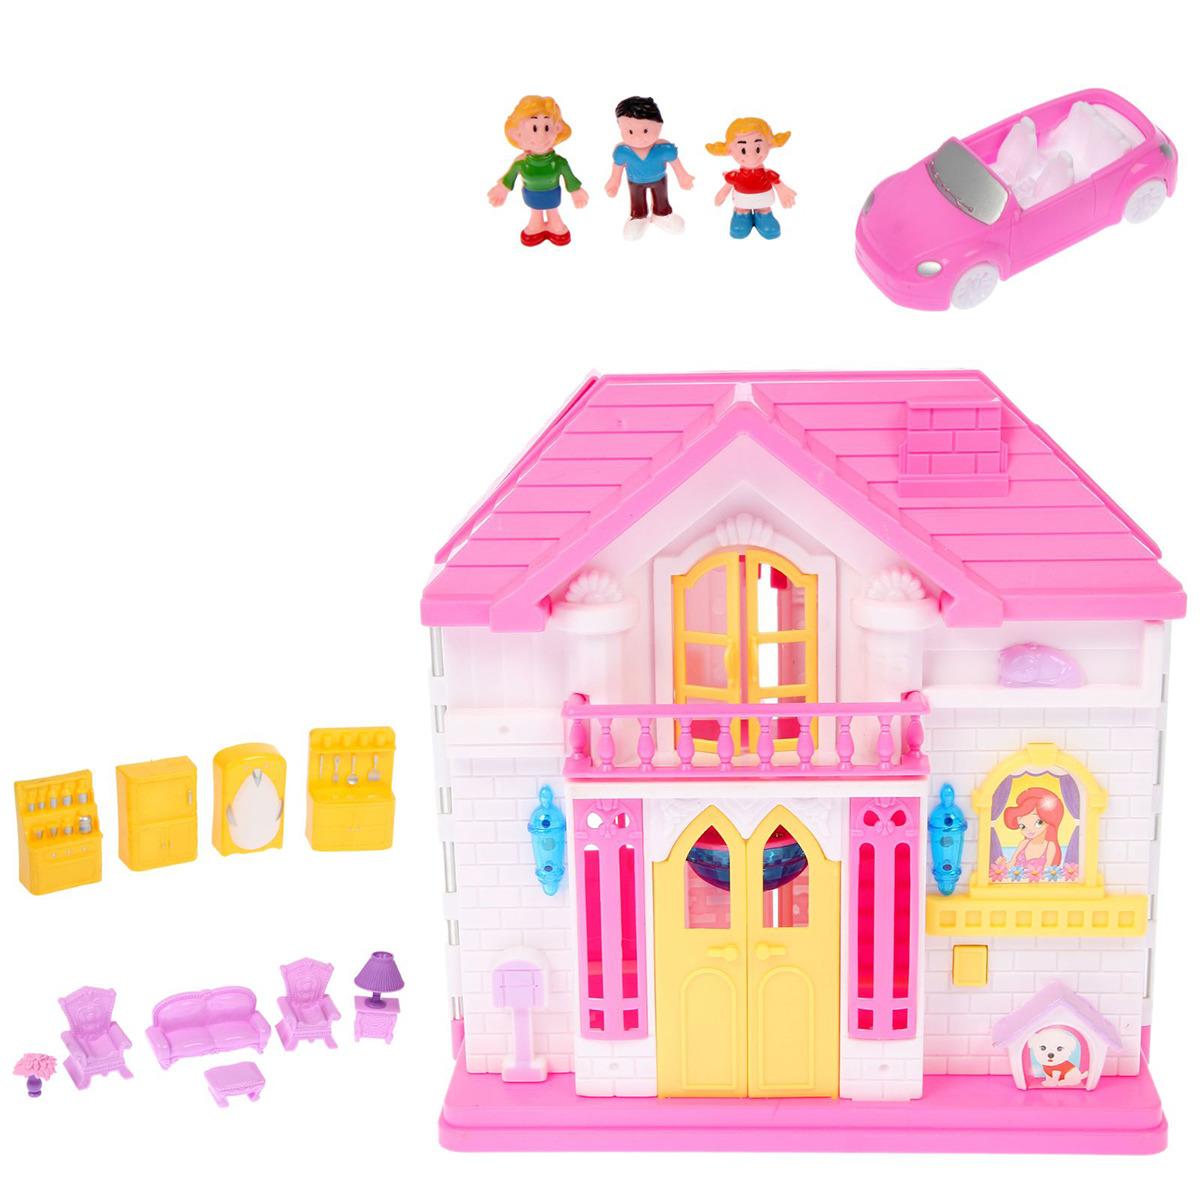 """Дом для кукол """"Семья"""", 2227294, складной, с мебелью и аксессуарами"""